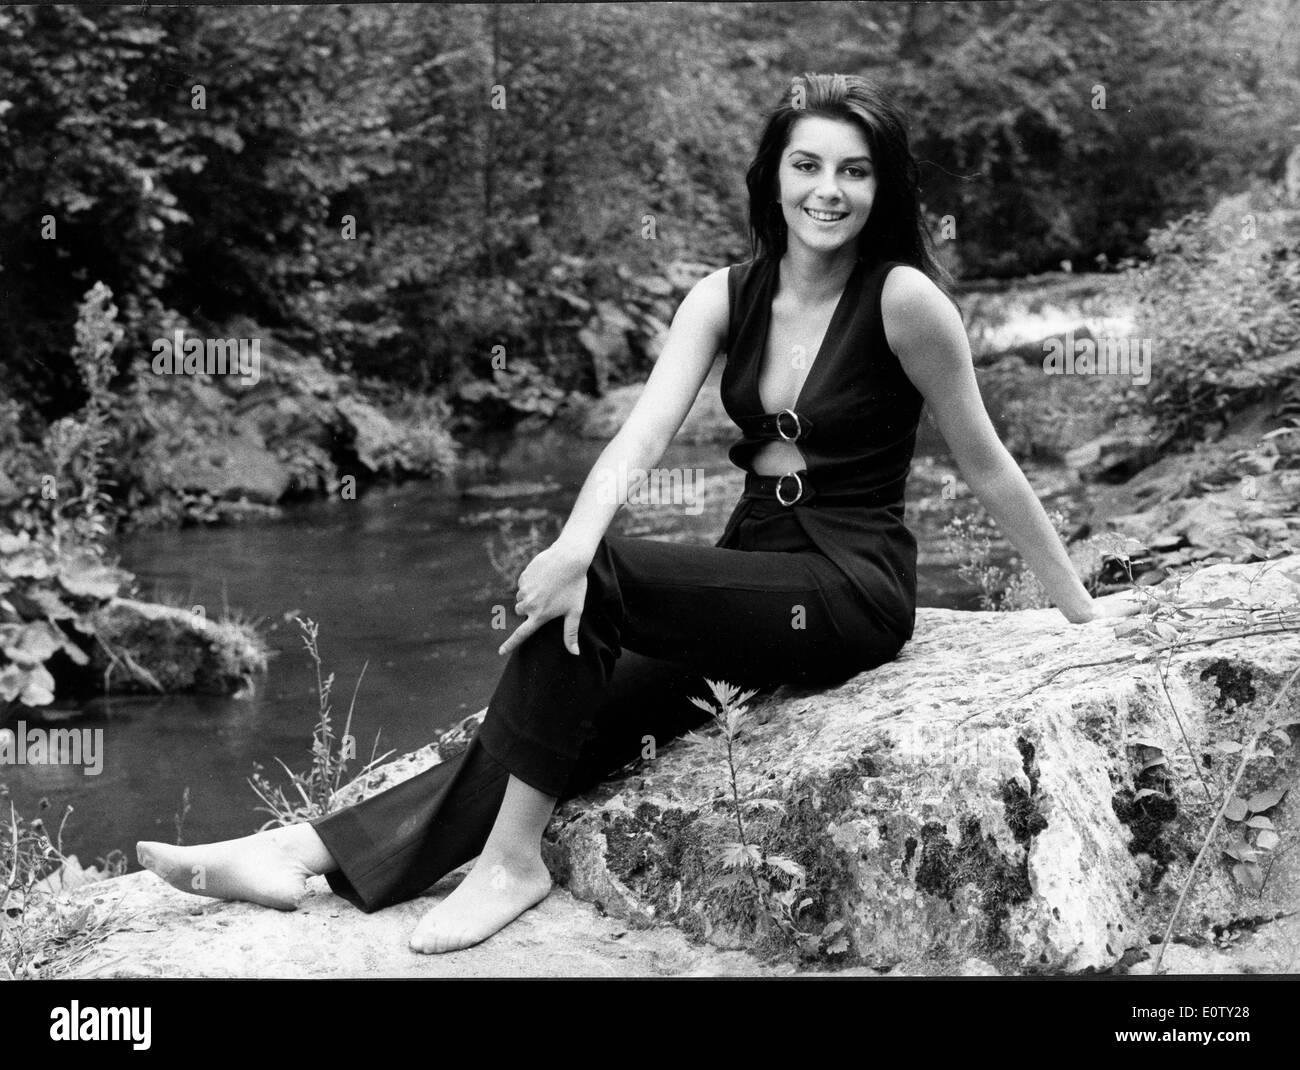 Daniela Giordano Nude Photos 7